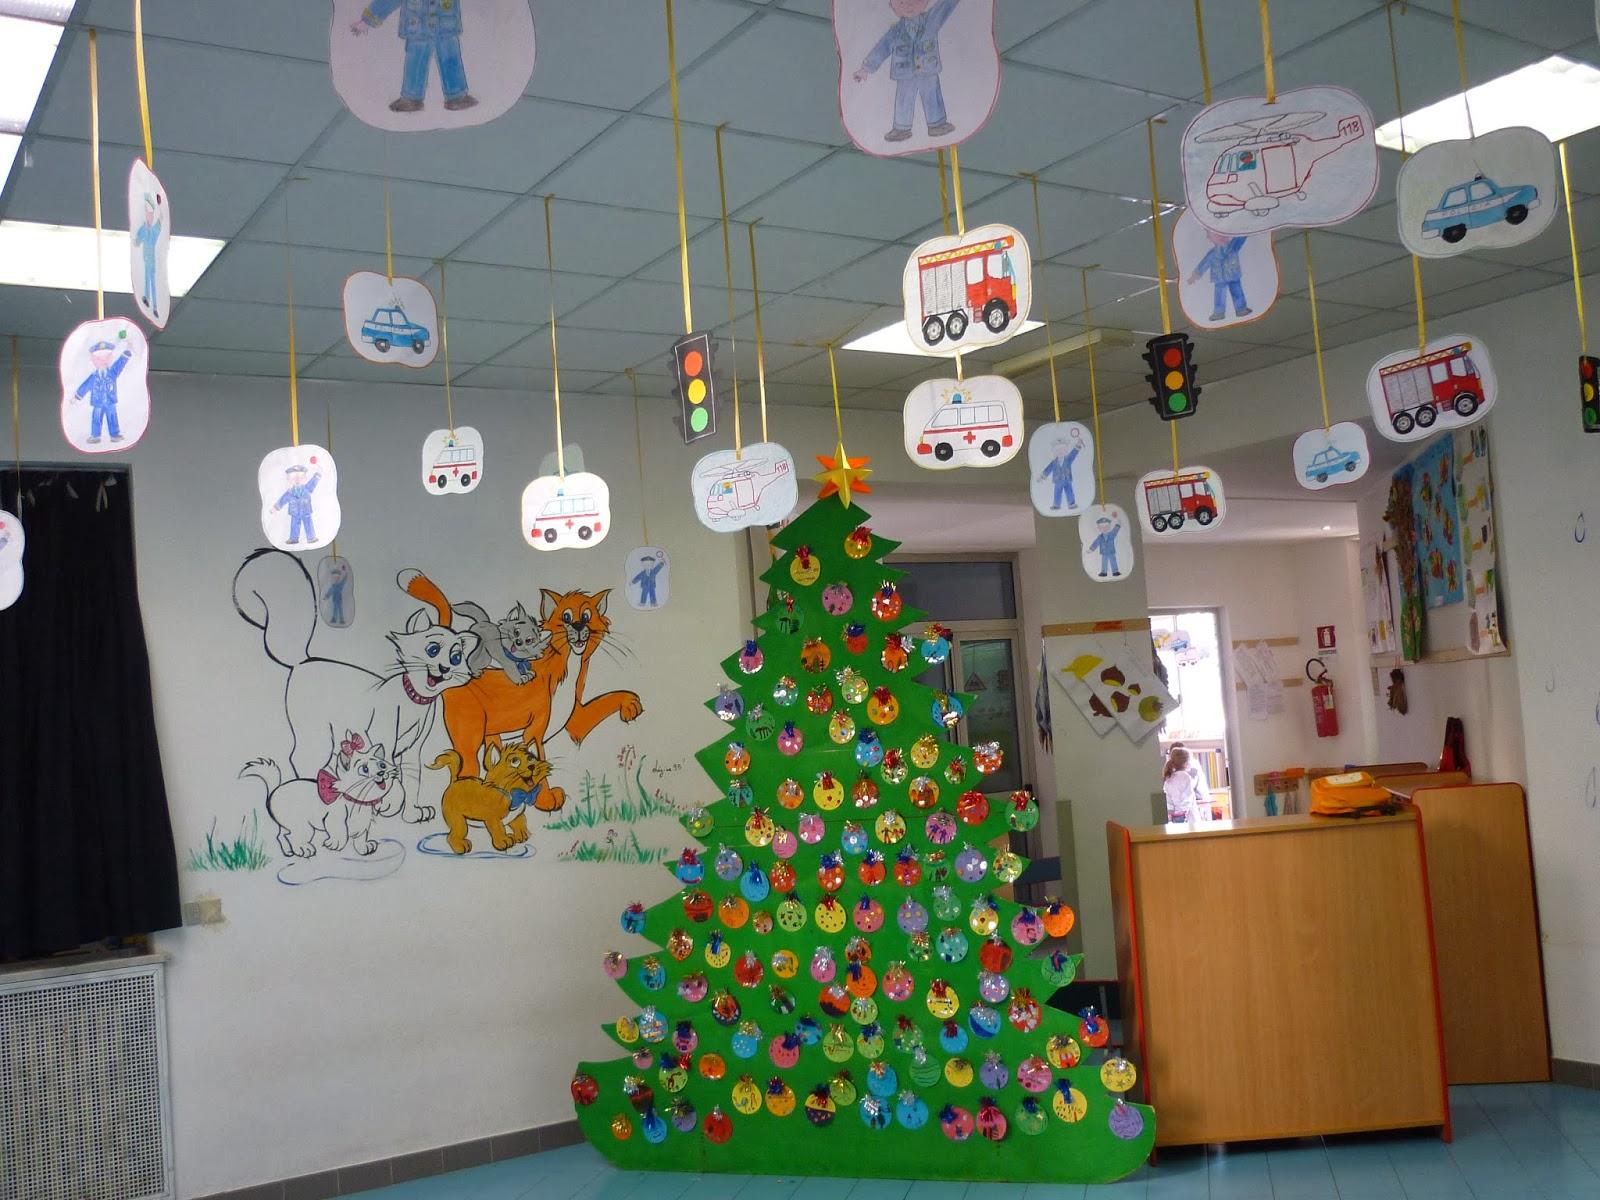 Addobbi natalizi per finestre scuola dell infanzia come - Addobbi natalizi per finestre scuola infanzia ...